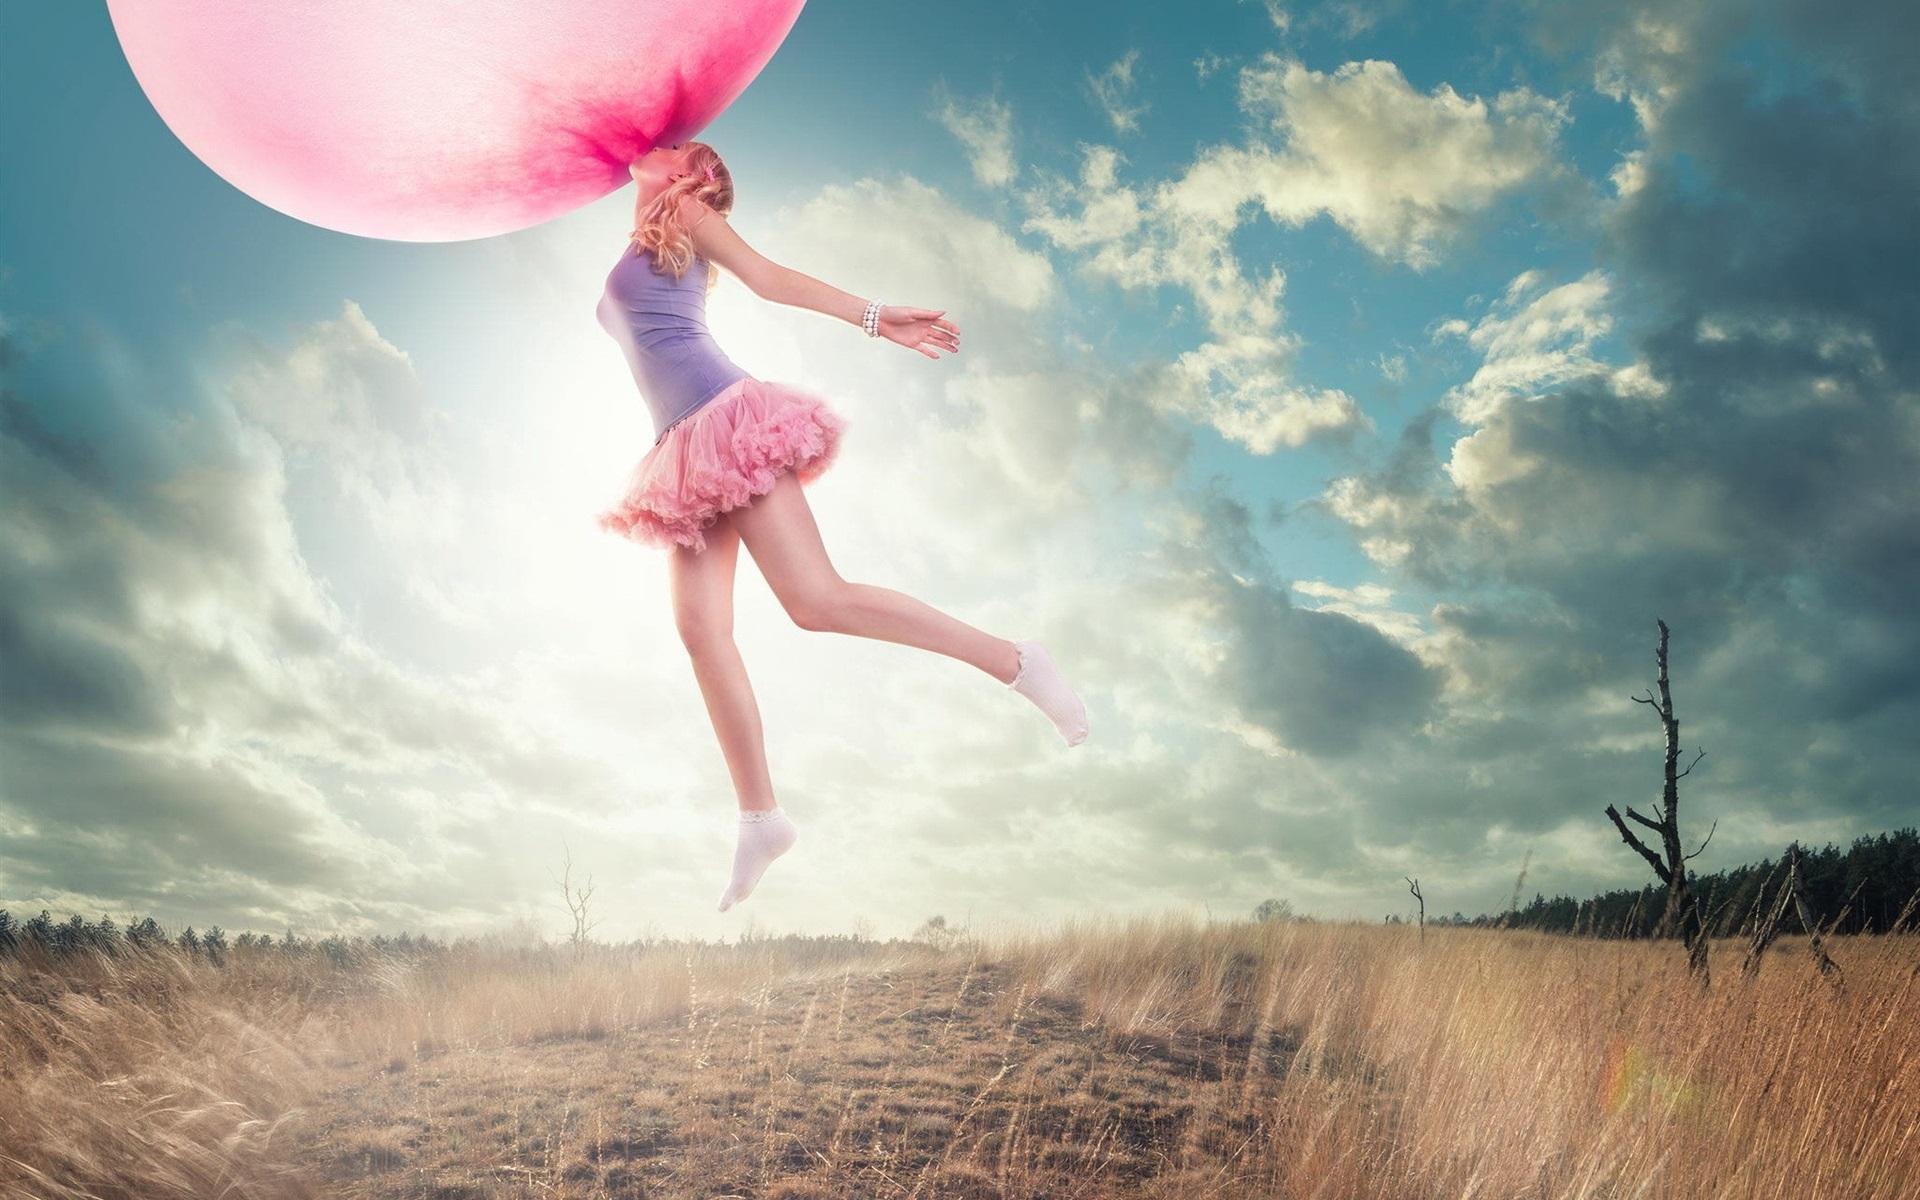 Картинка девушка воздушная фото